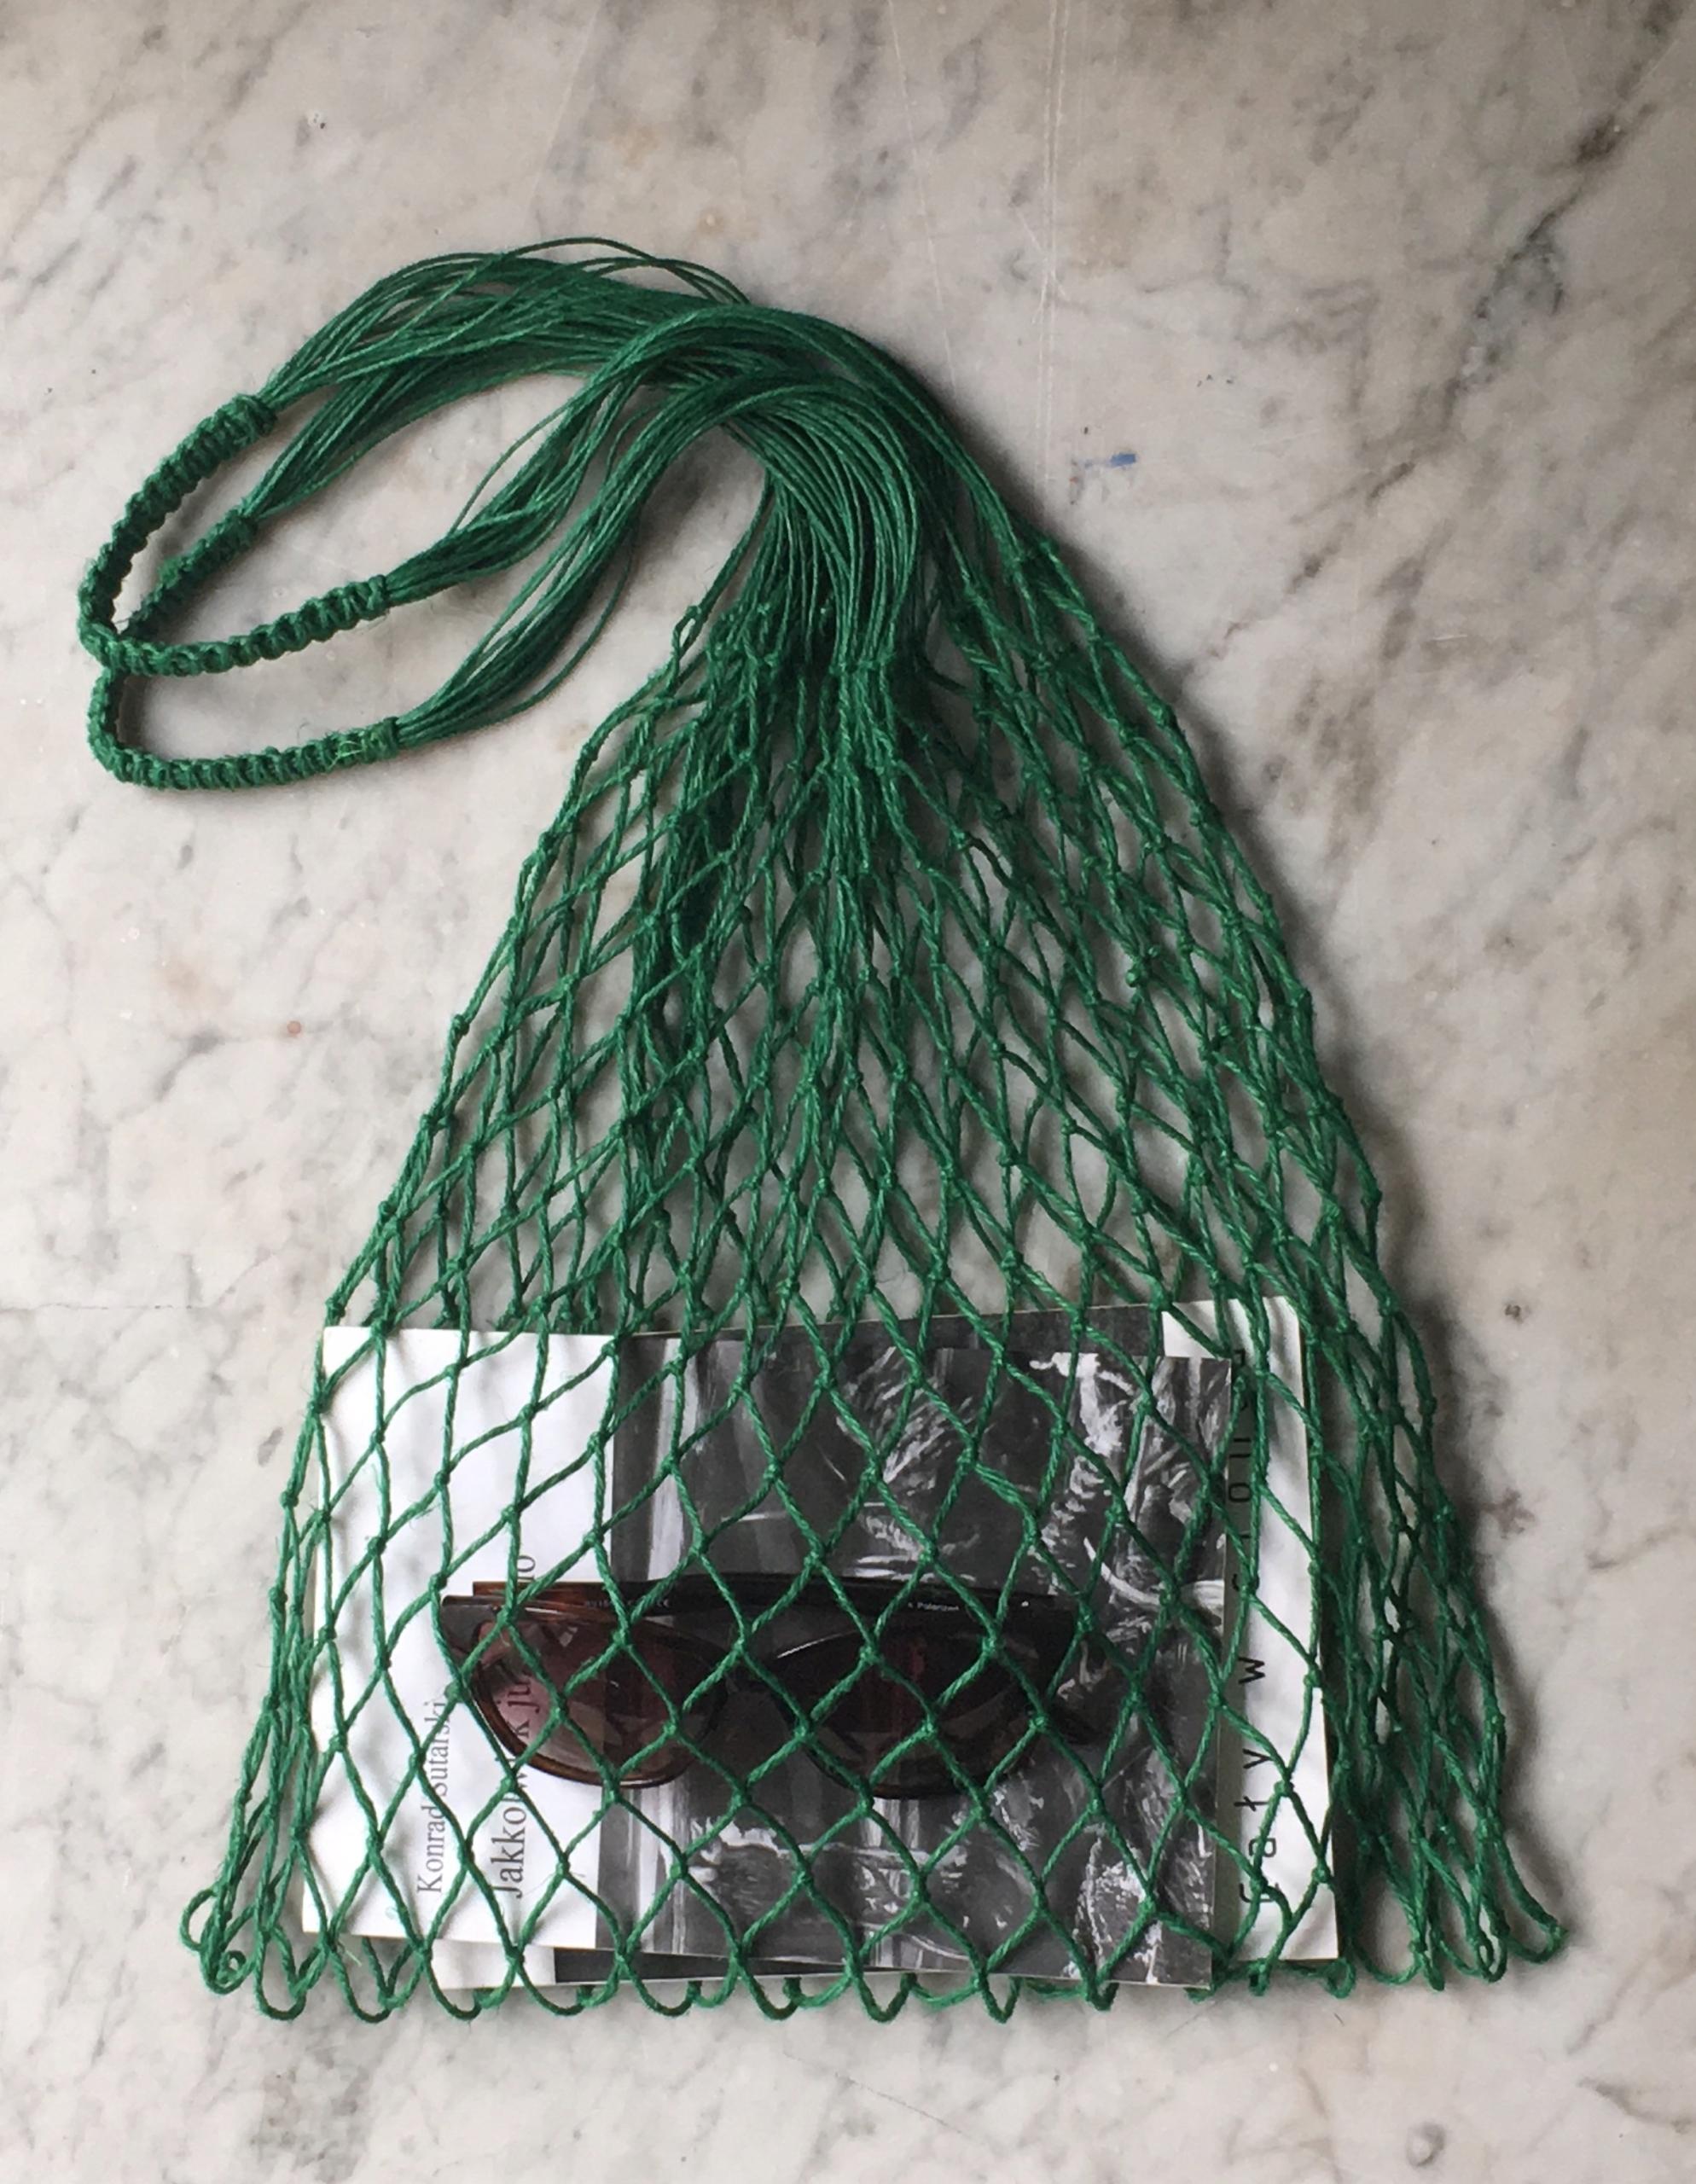 Siatka na zakupy Rękodzieło, Eco torba,Zero waste